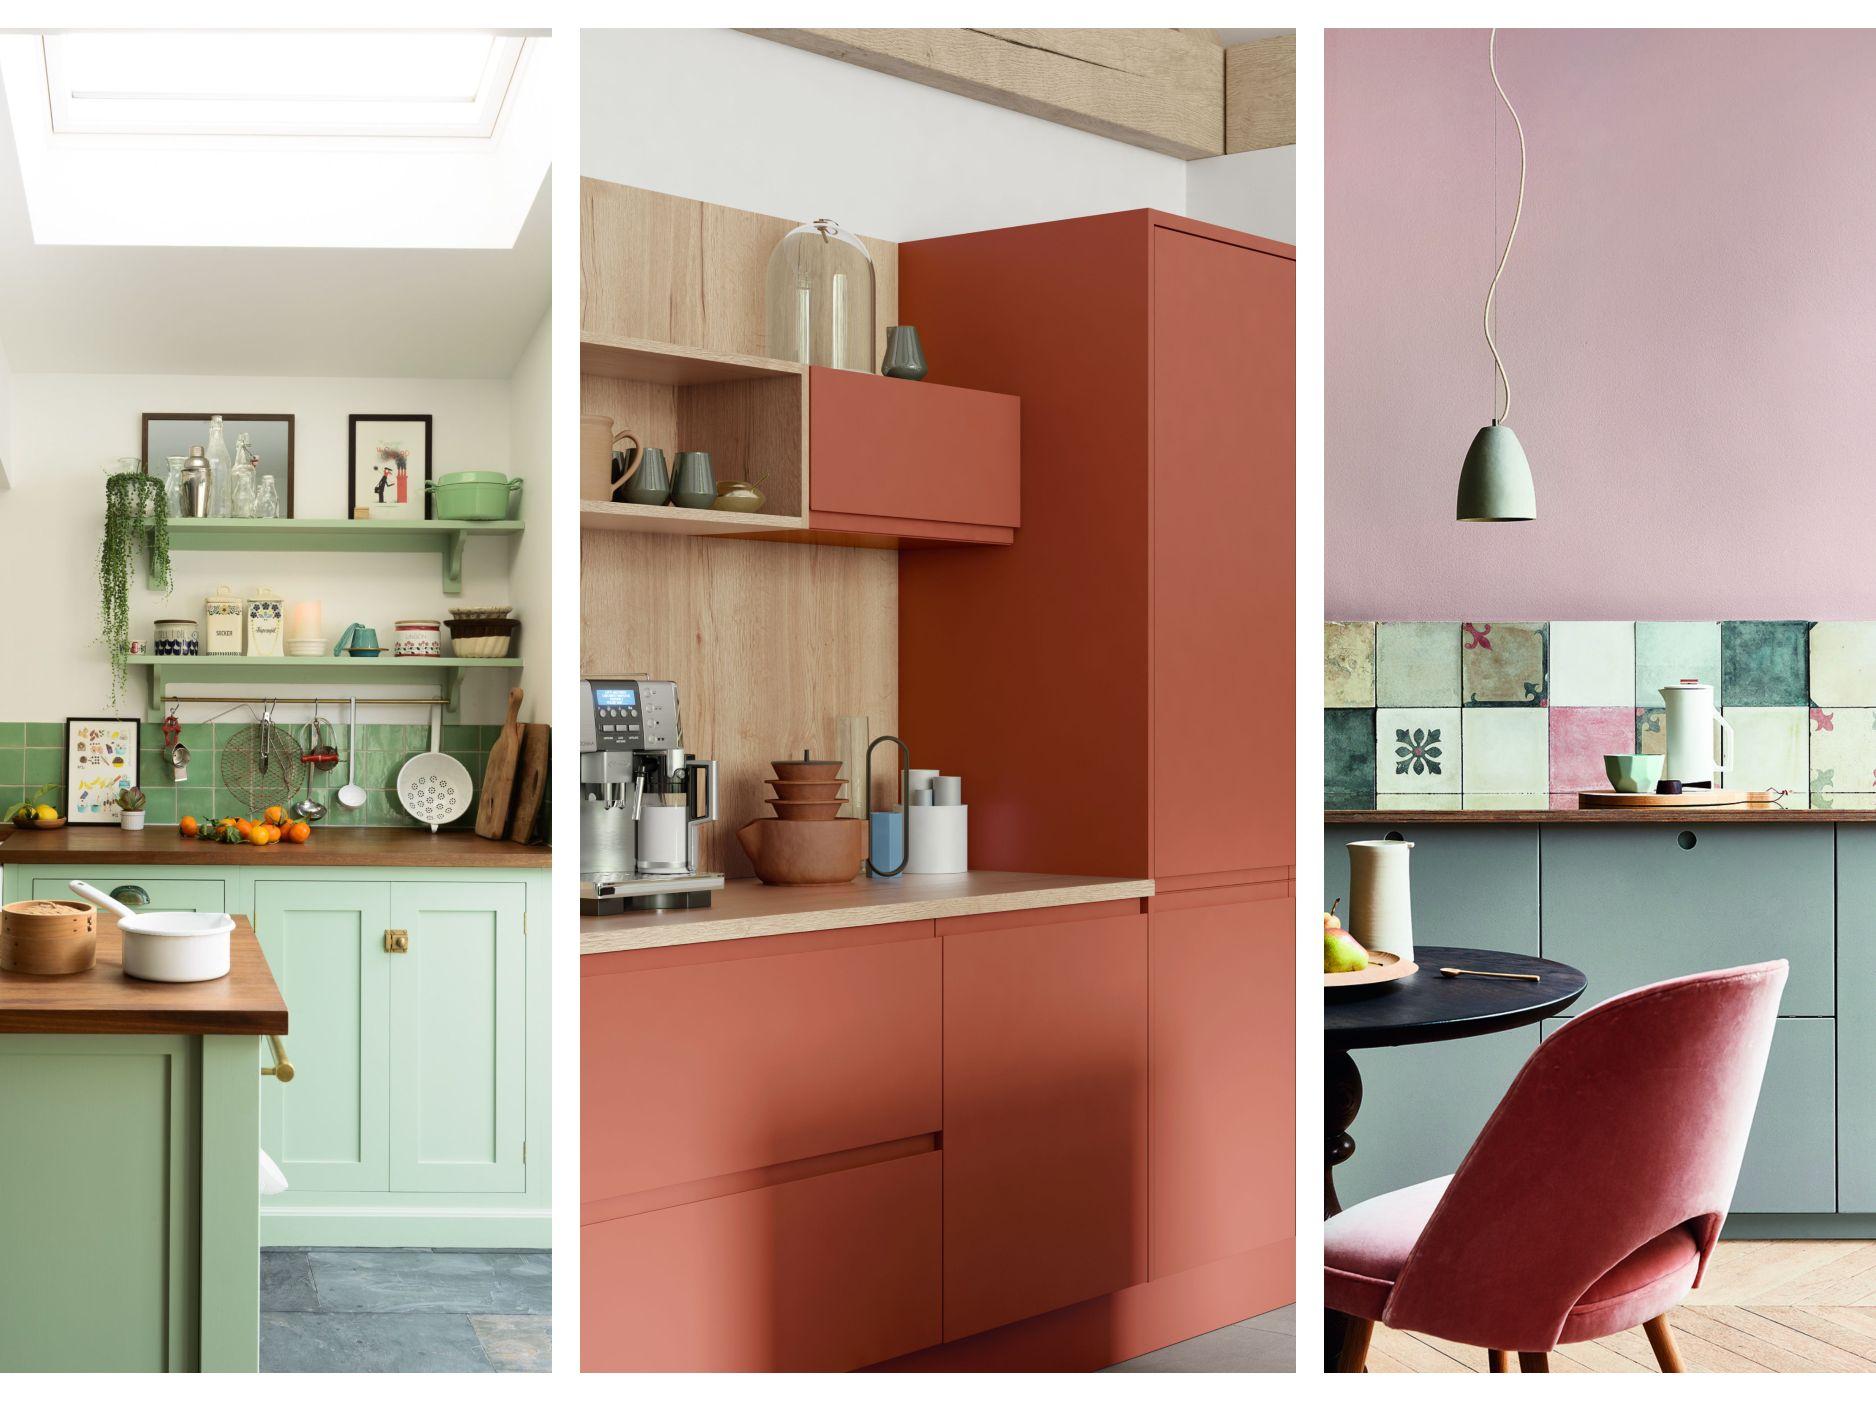 Best Kitchen Cabinet Paint Colors 2020 Teal